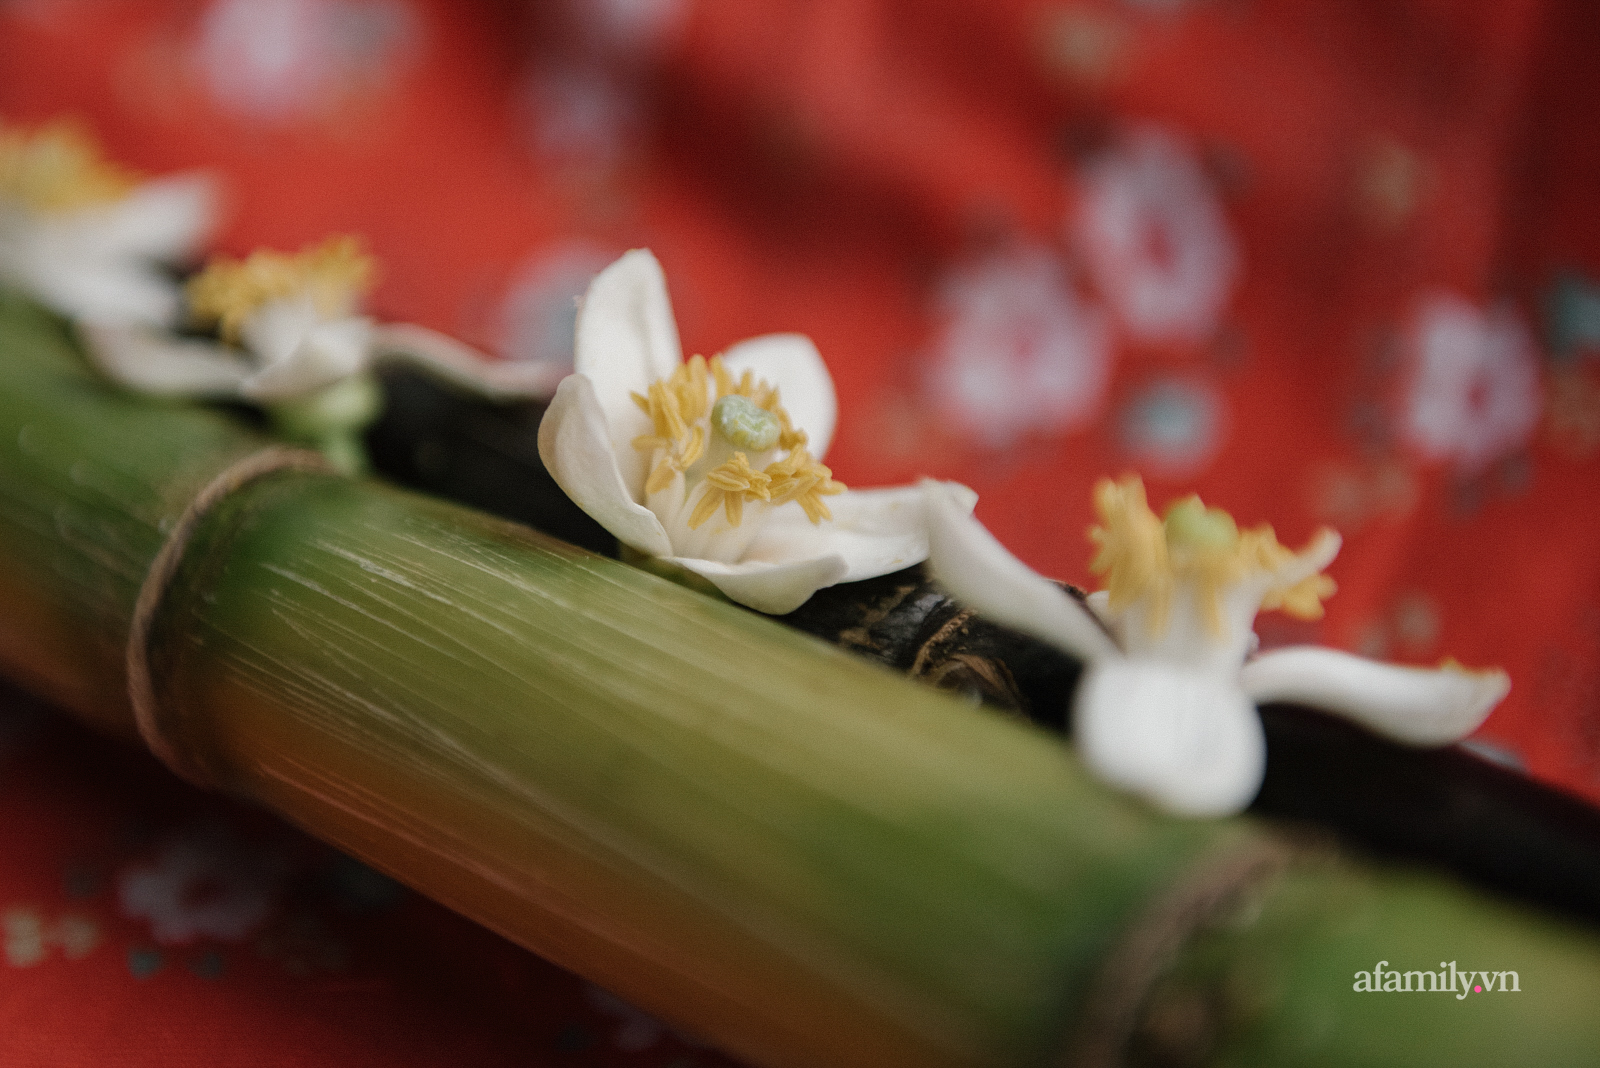 Hoa bưởi và khúc hoan ca với đồ ngọt Hà thành: Không chỉ là ăn, đó là nhâm nhi cả tinh hoa đất trời mùa xuân - Ảnh 8.